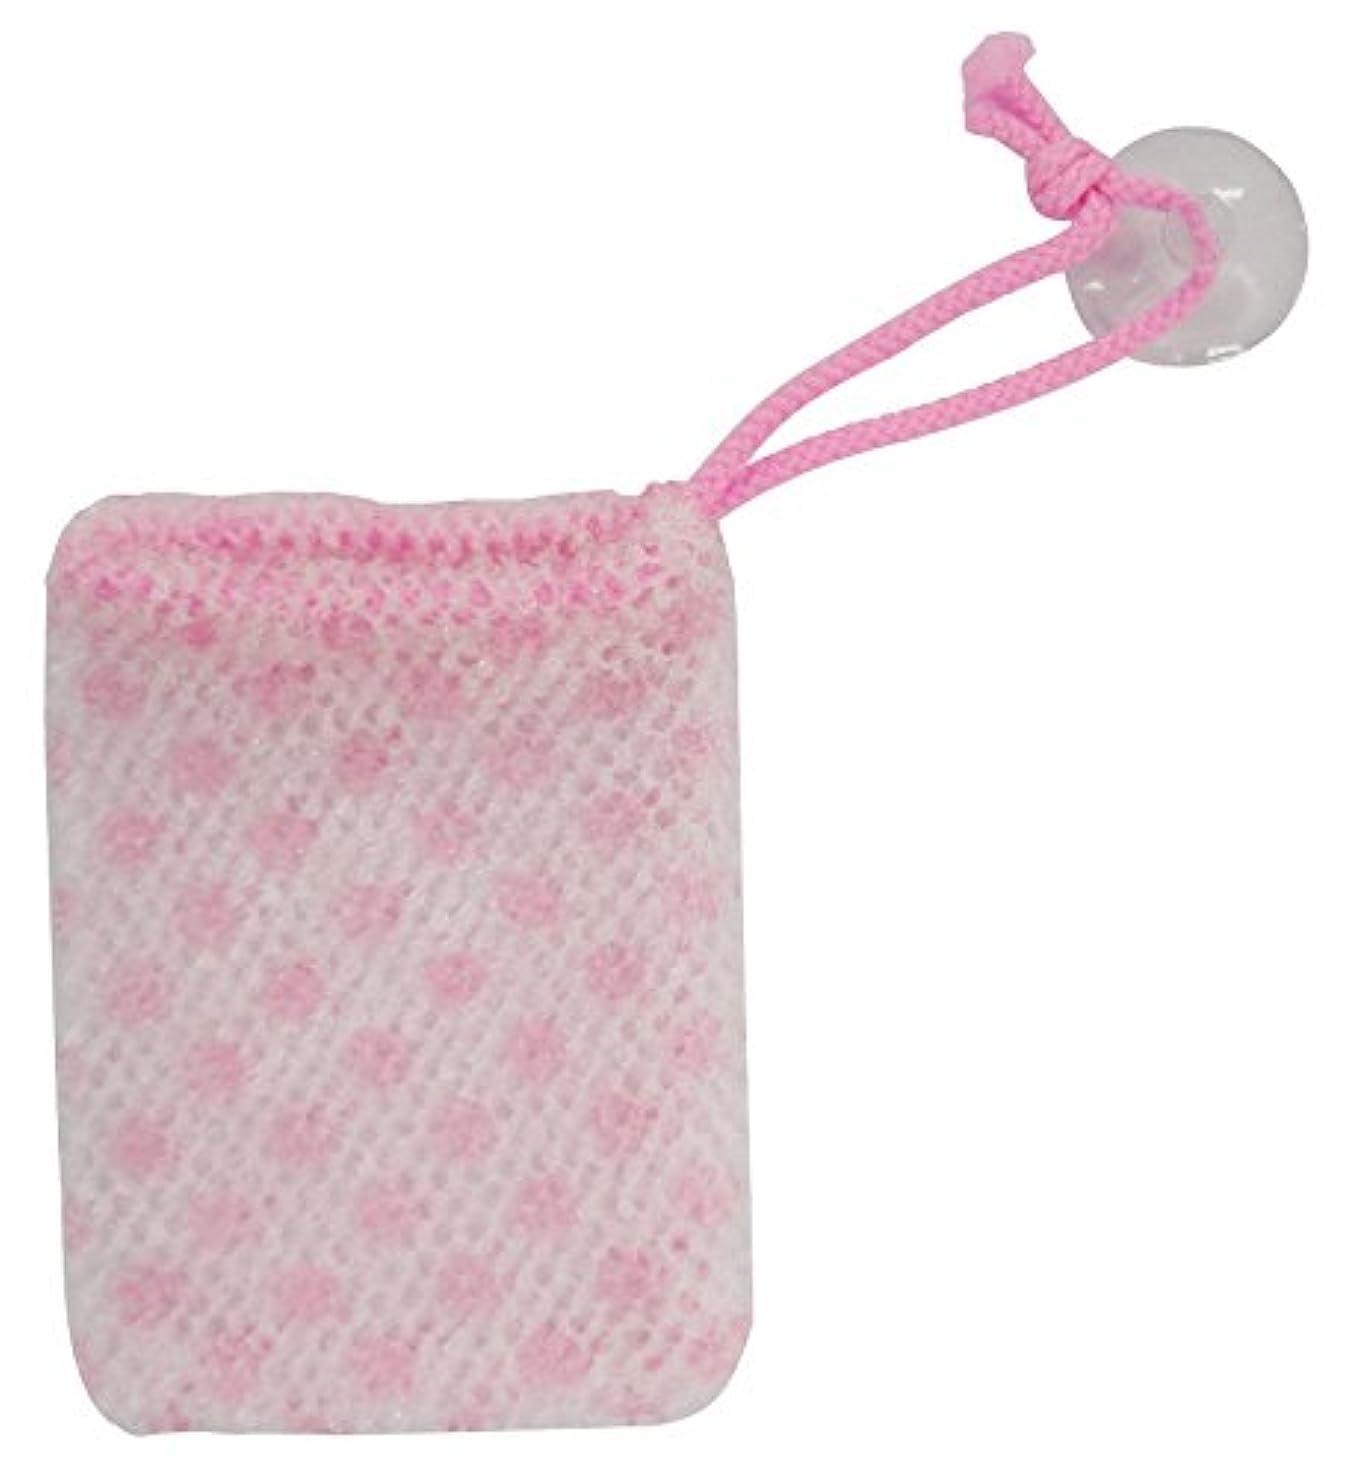 センサーフィードバック皿小久保 たっぷり泡立つ立体メッシュ素材 あわあわ石けんネット ピンク 3272